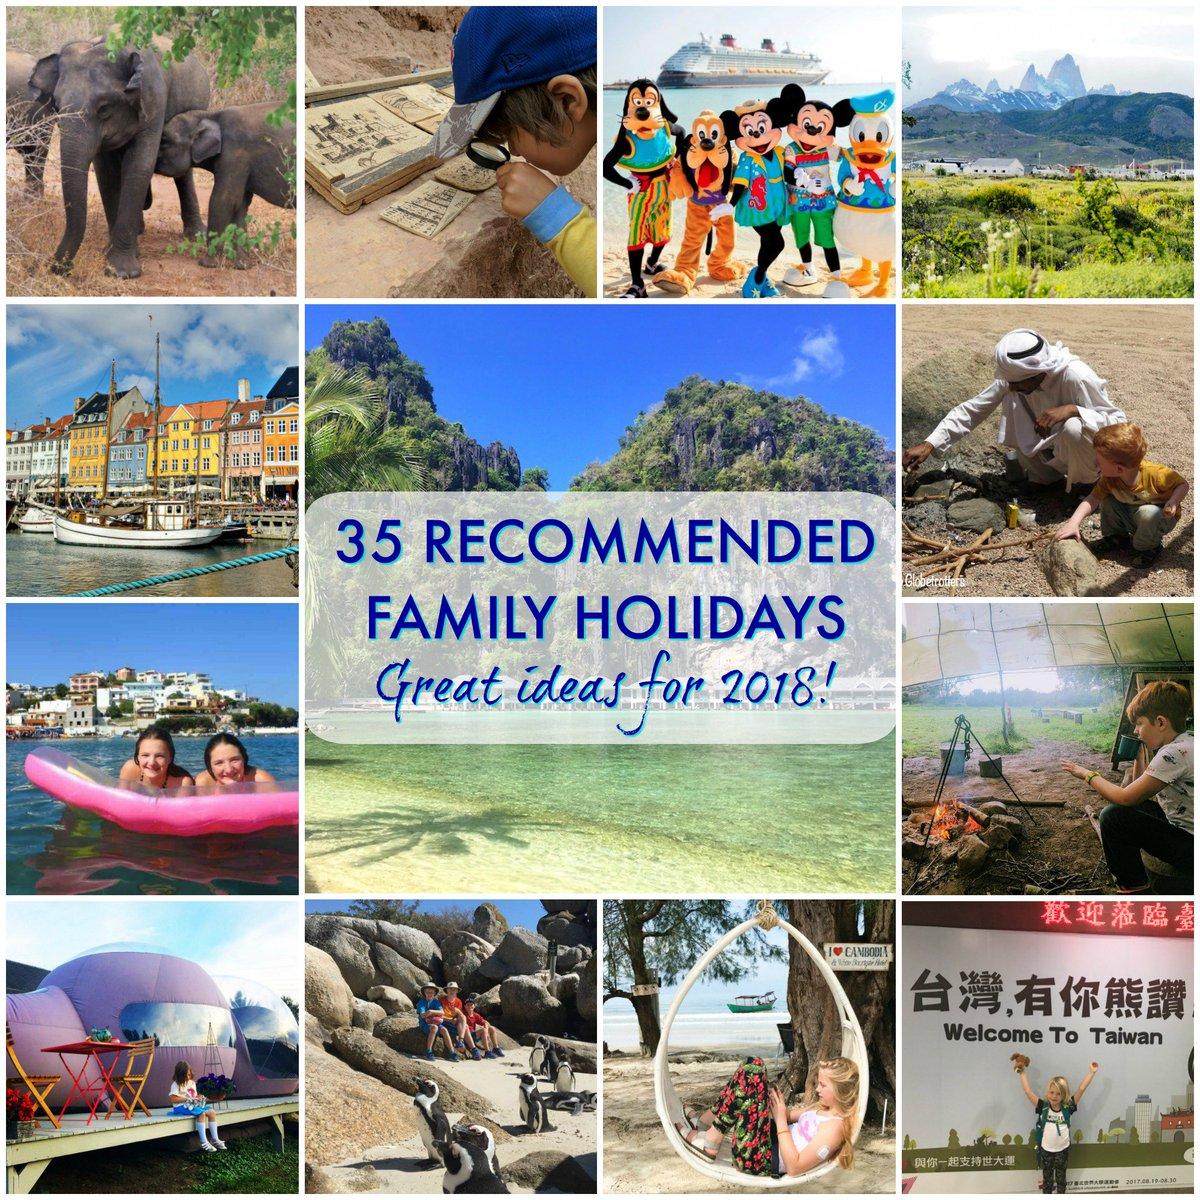 Travel Loving Family on Twitter: